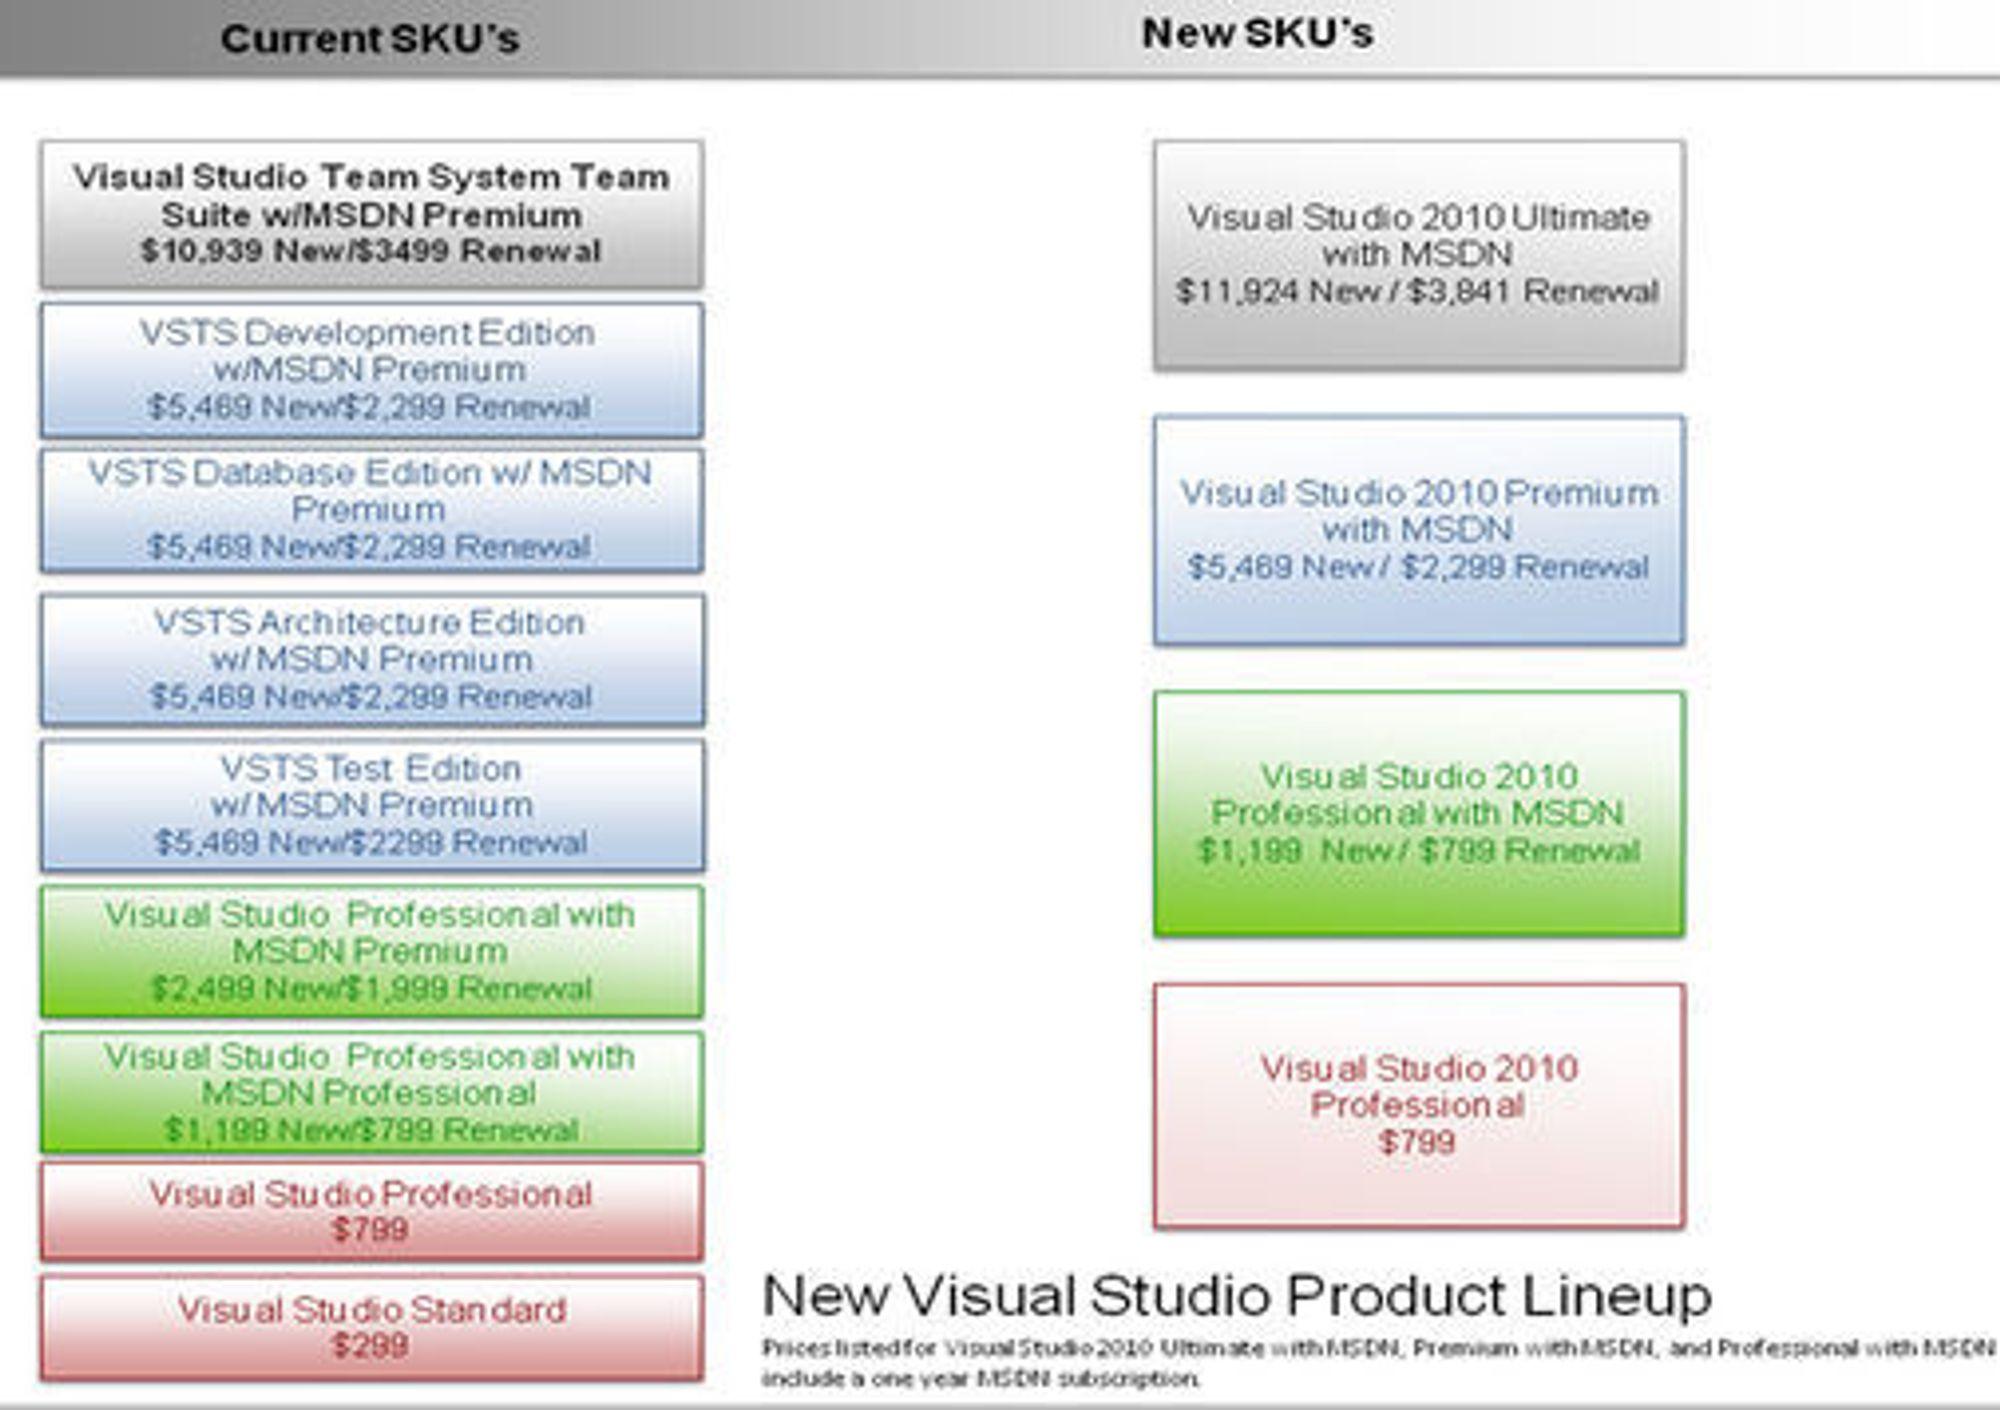 Antall versjoner av Visual Studio 2010 reduseres betraktelig.